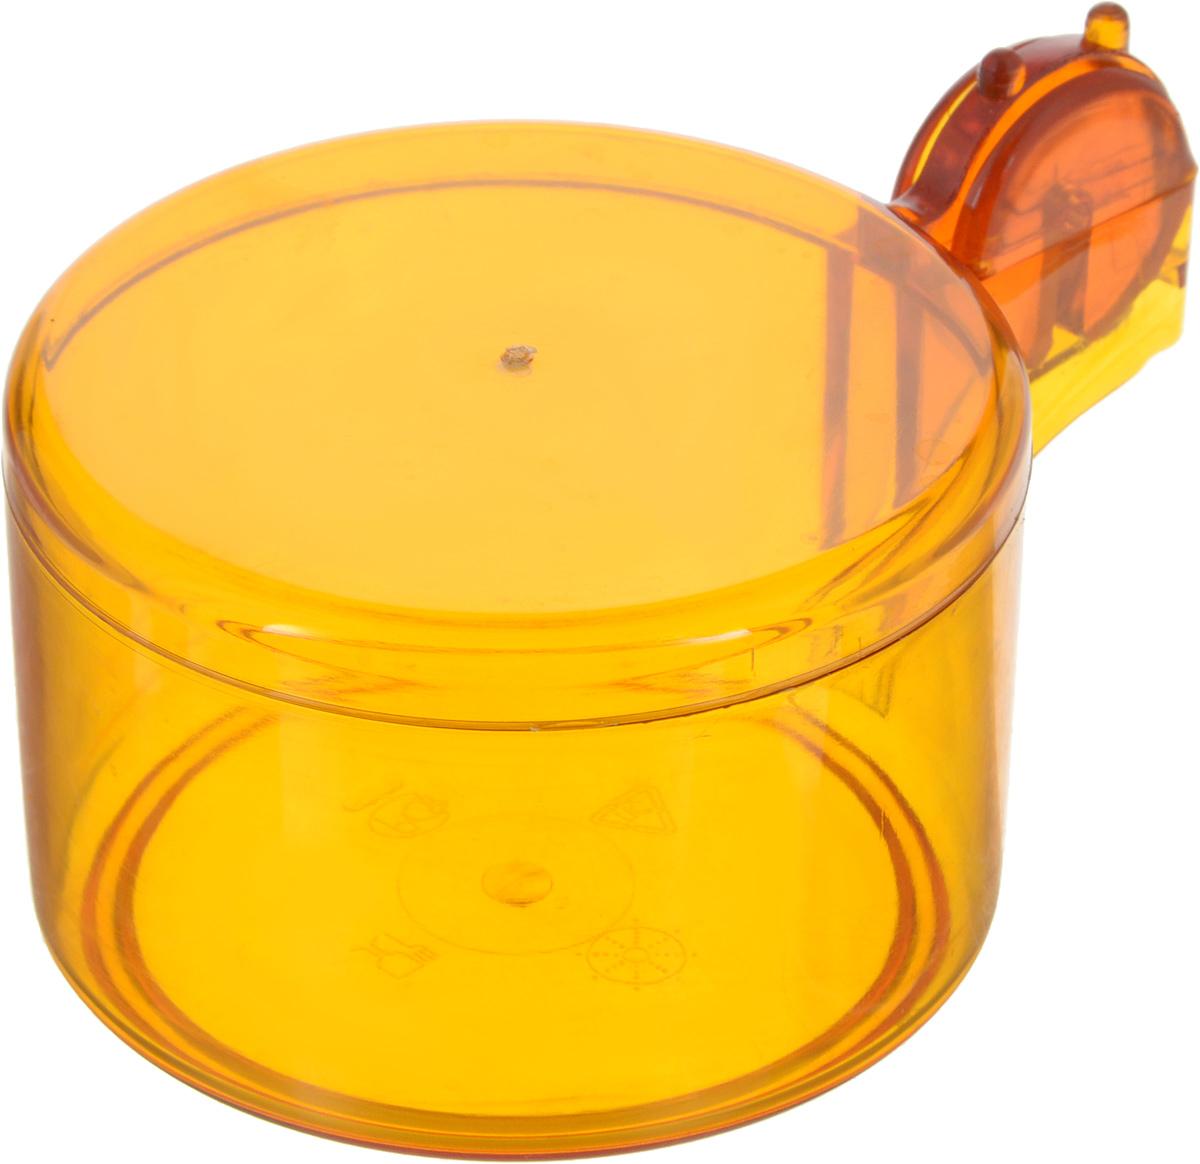 Сахарница Мартика. С6С6Изделие выполнено с соблюдением необходимых требований к качеству и безопасности, включая санитарные, которые предъявляются к пластиковой продукции. Удобно в обращении. Имеет яркие цвета, привлекательный современный дизайн и высокий запас прочности. Материалы, используемые при производстве, отвечают всем необходимым санитарным нормам и стандартам качества и разрешены для контакта с пищевыми продуктами.